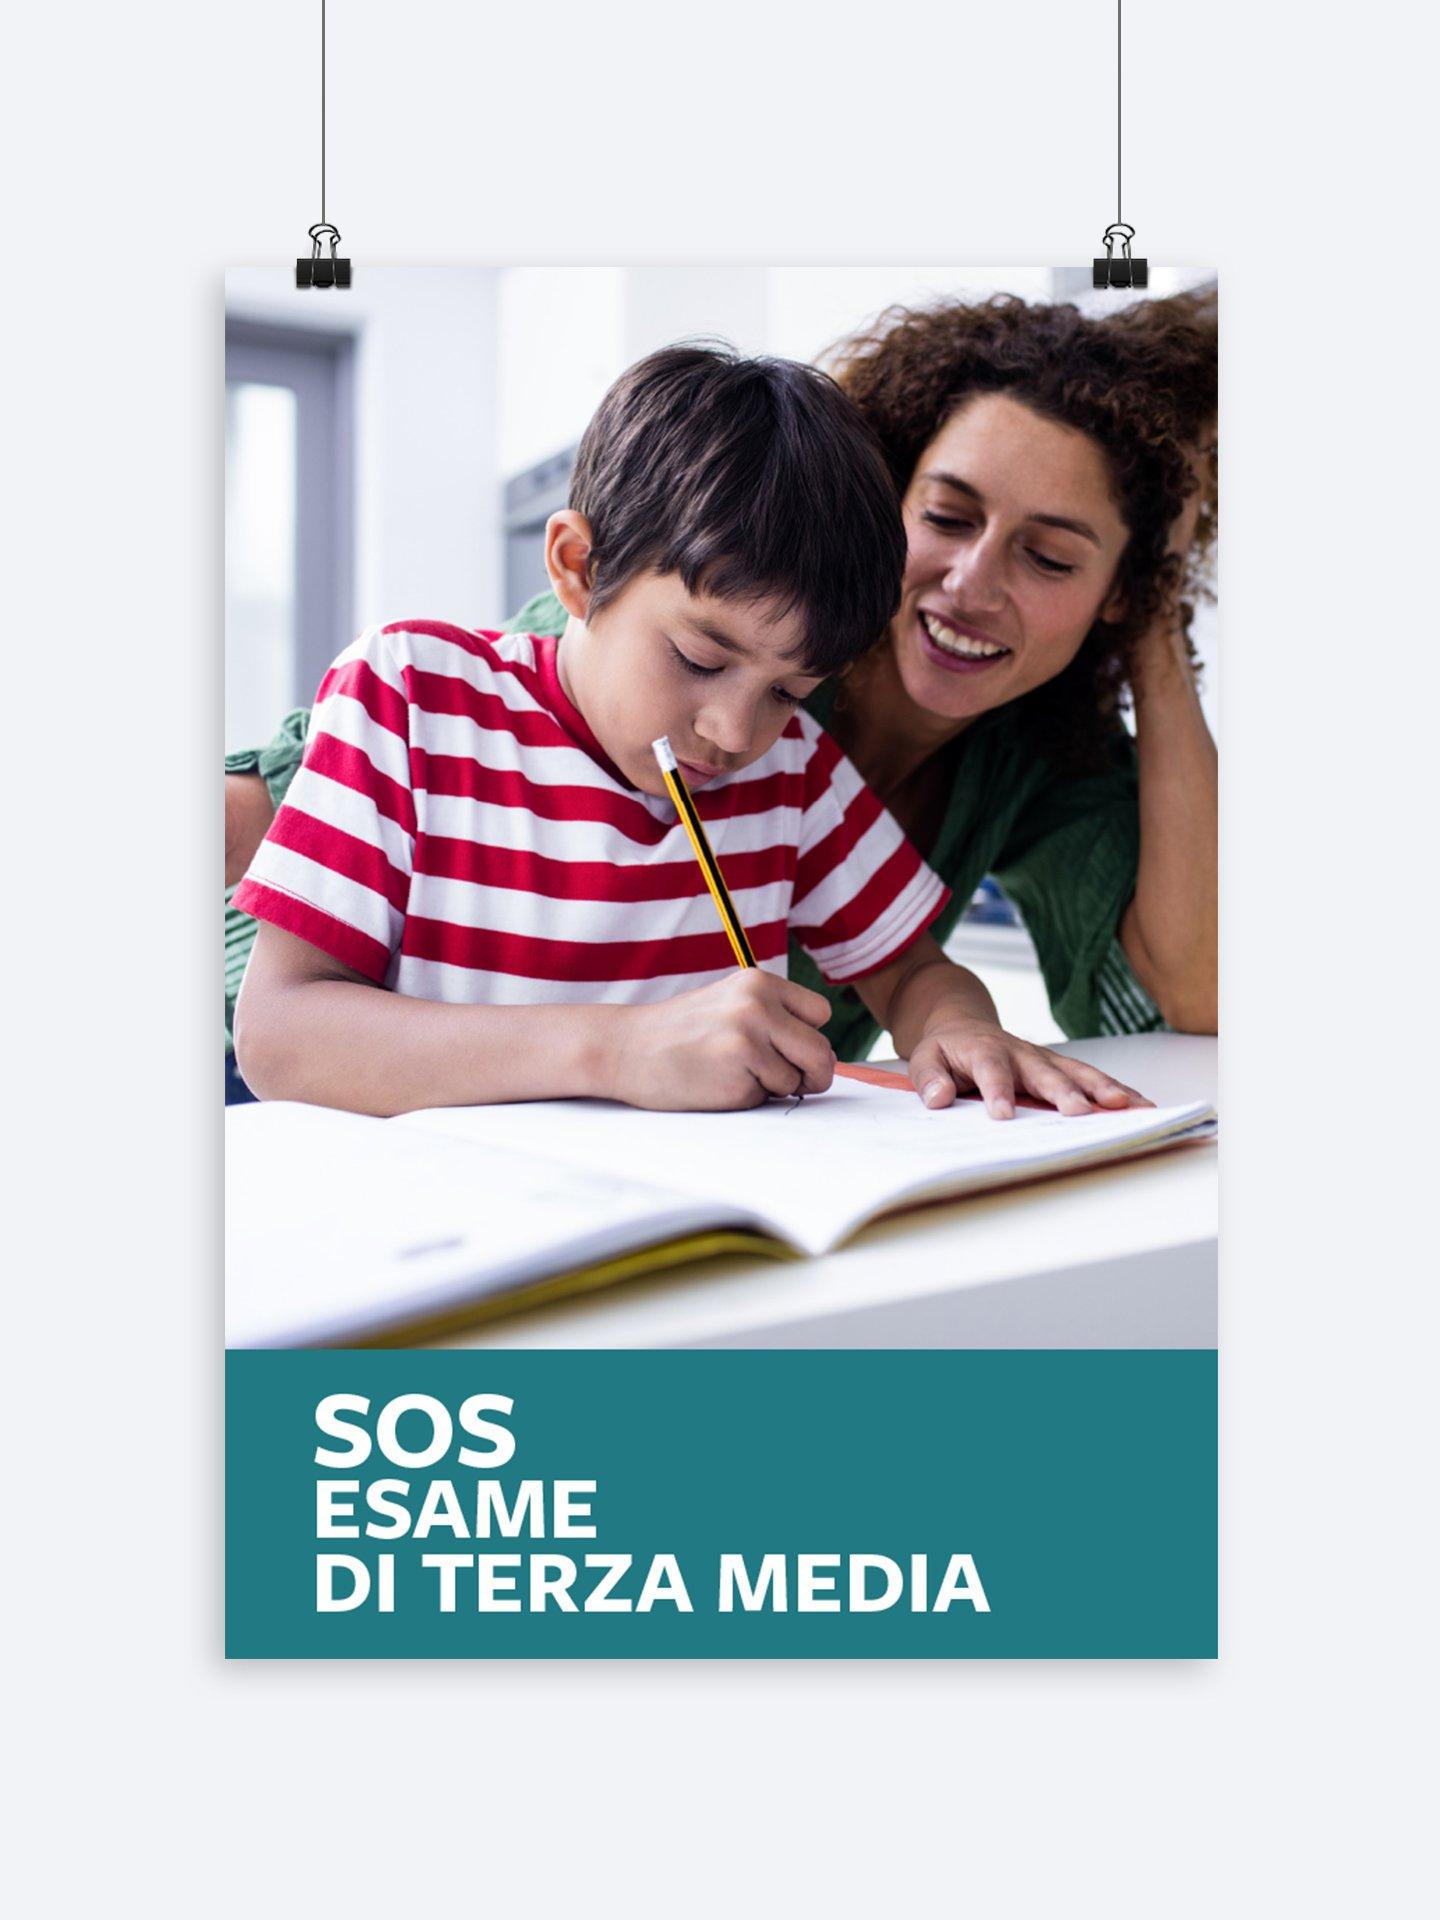 SOS esame di terza media - percorso 2 - Disturbi dell'attenzione e iperattività - Libri - Erickson